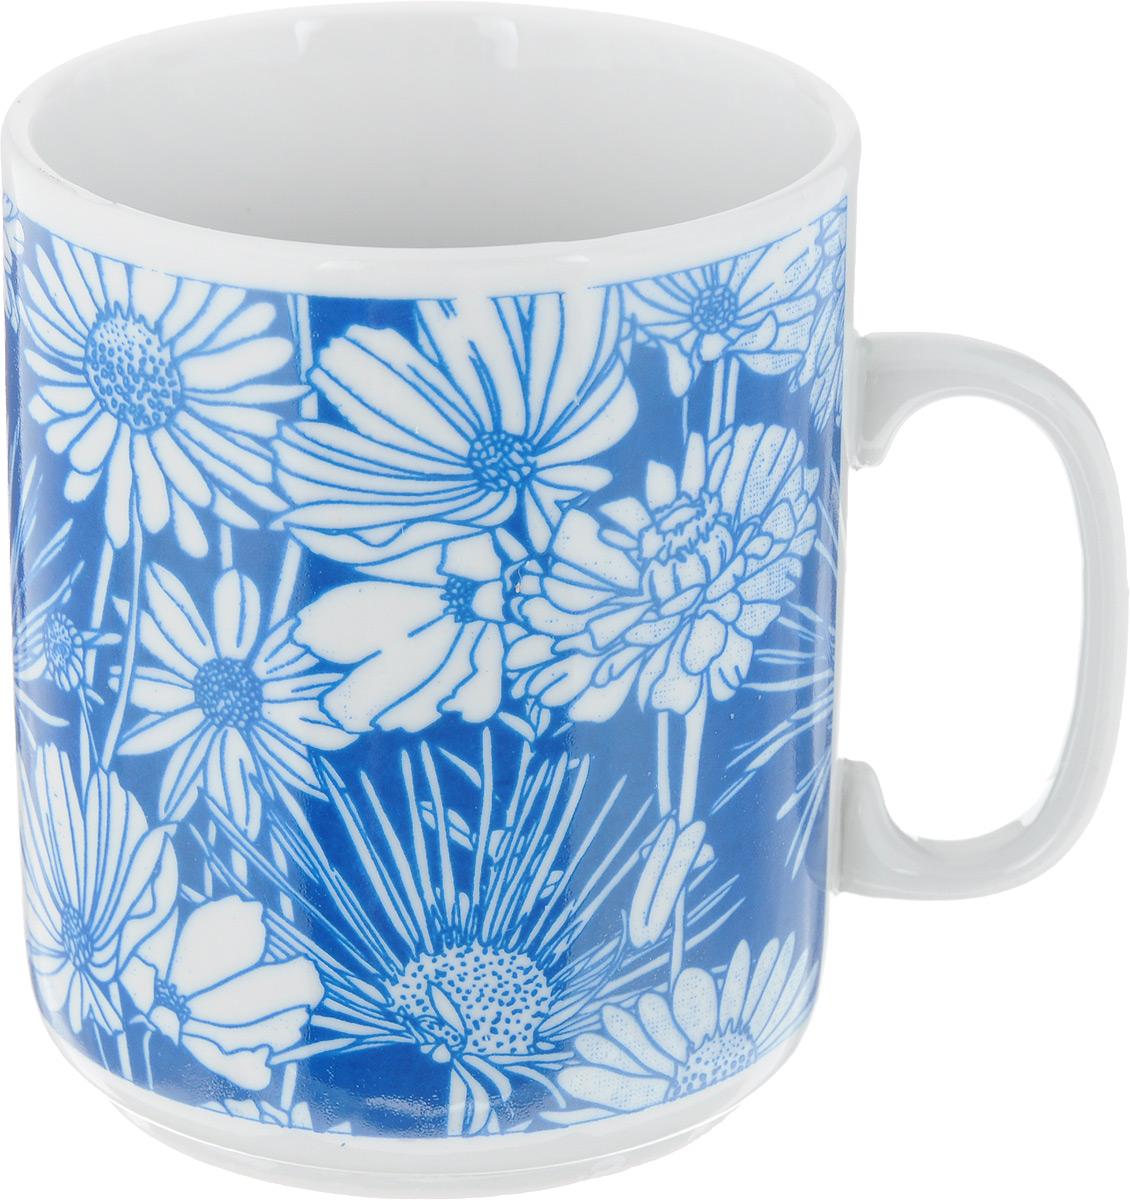 Кружка Фарфор Вербилок Цветочная поляна, цвет: темно-синий, 300 мл9273960_темно-синийКружка Фарфор Вербилок Цветочная поляна способна скрасить любое чаепитие. Изделие выполнено из высококачественного фарфора. Посуда из такого материала позволяет сохранить истинный вкус напитка, а также помогает ему дольше оставаться теплым.Диаметр кружки (по верхнему краю): 8 см.Высота кружки: 9,5 см.